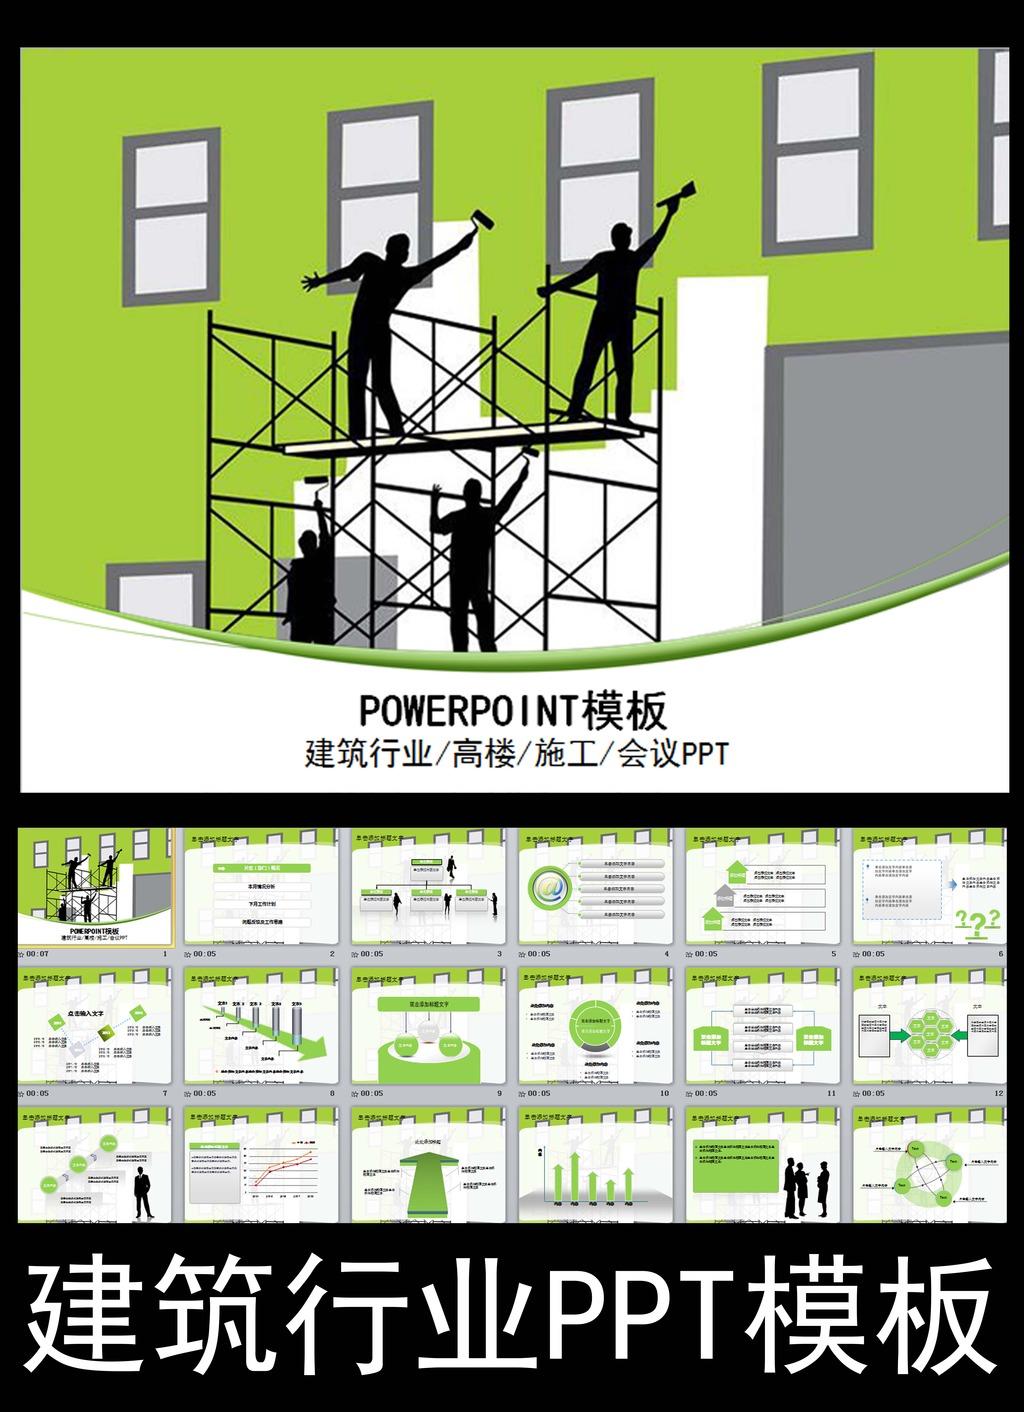 城市建筑建筑工人施工ppt模板